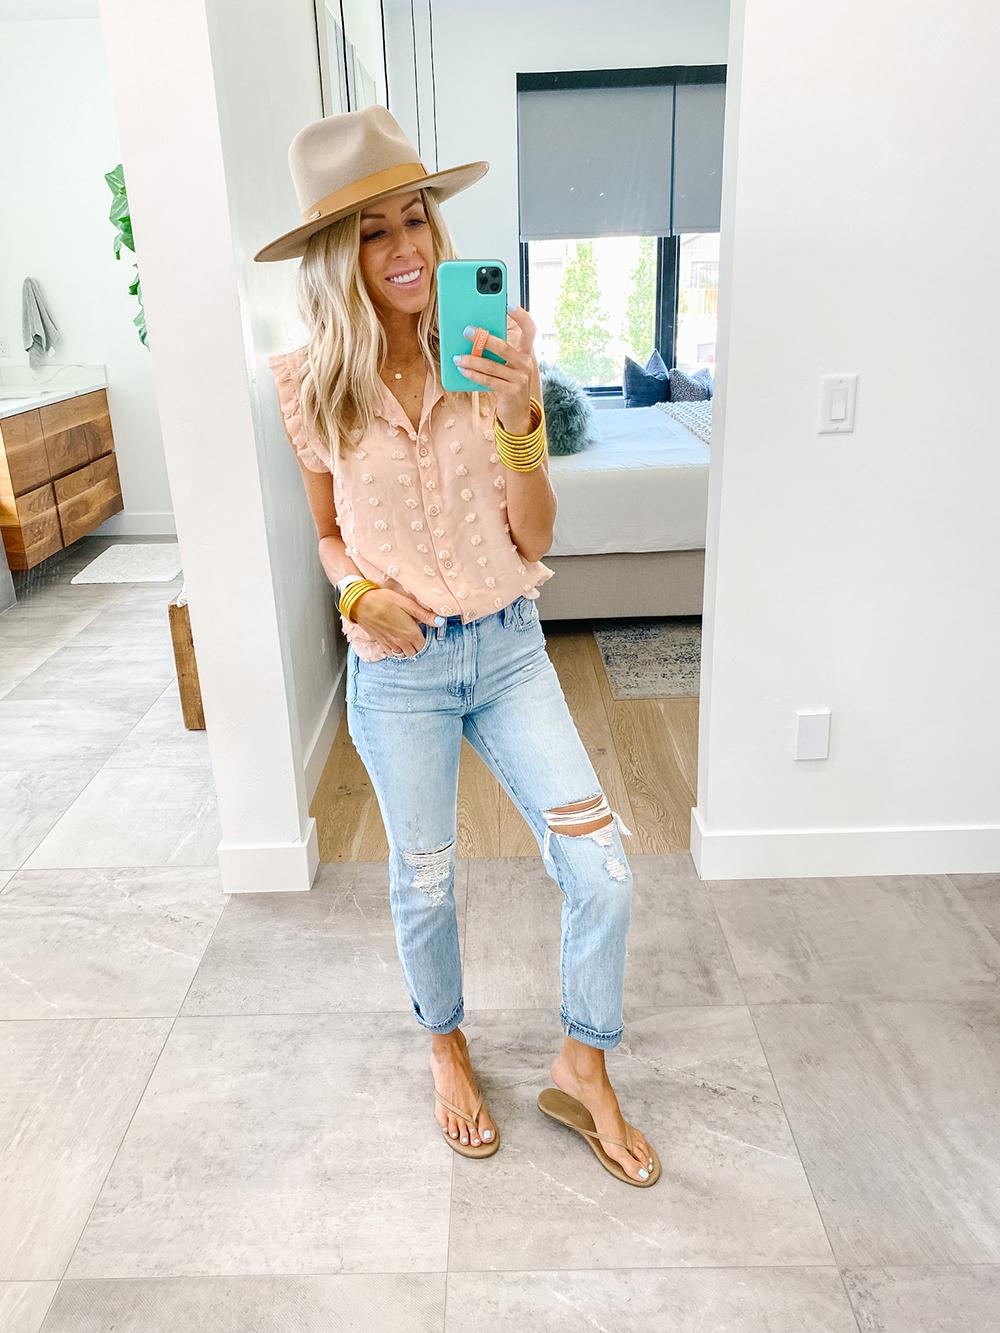 kailee wright amazon blouse